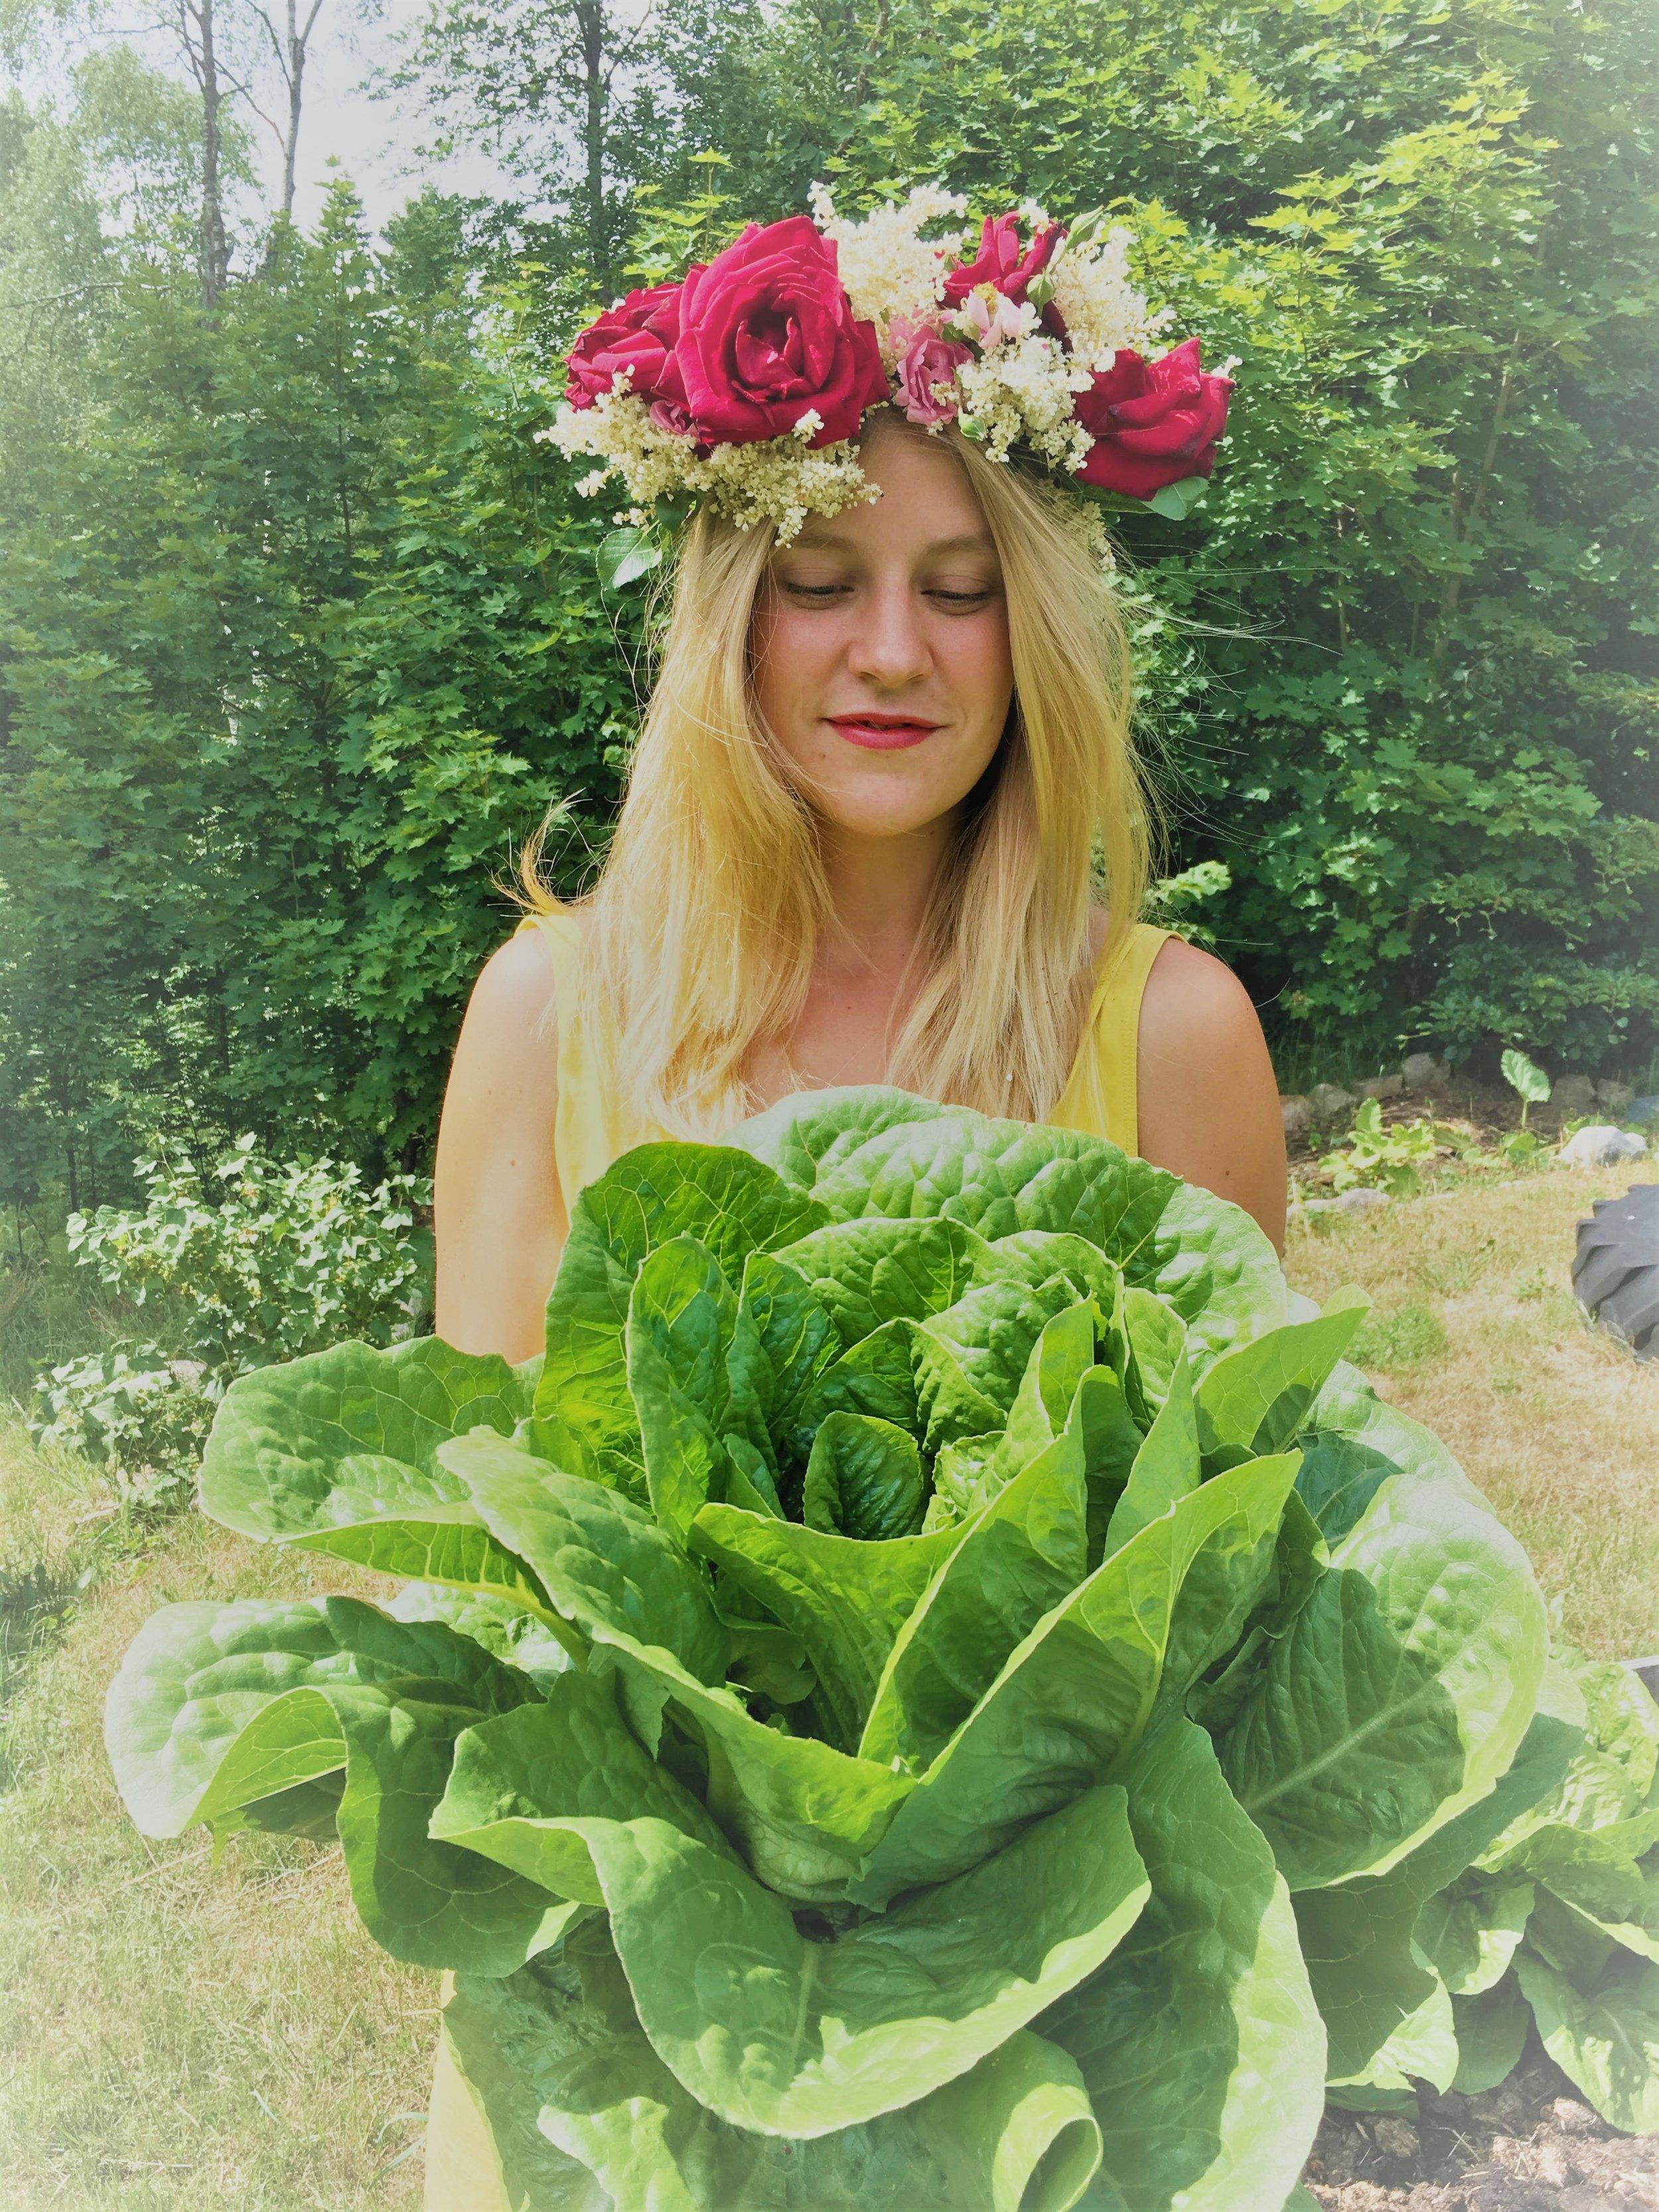 Jag heter Olga och äger Kvarnen Kornhult. Tillsammans med min underbara personal ser vi fram emot att välkomna dig hit!